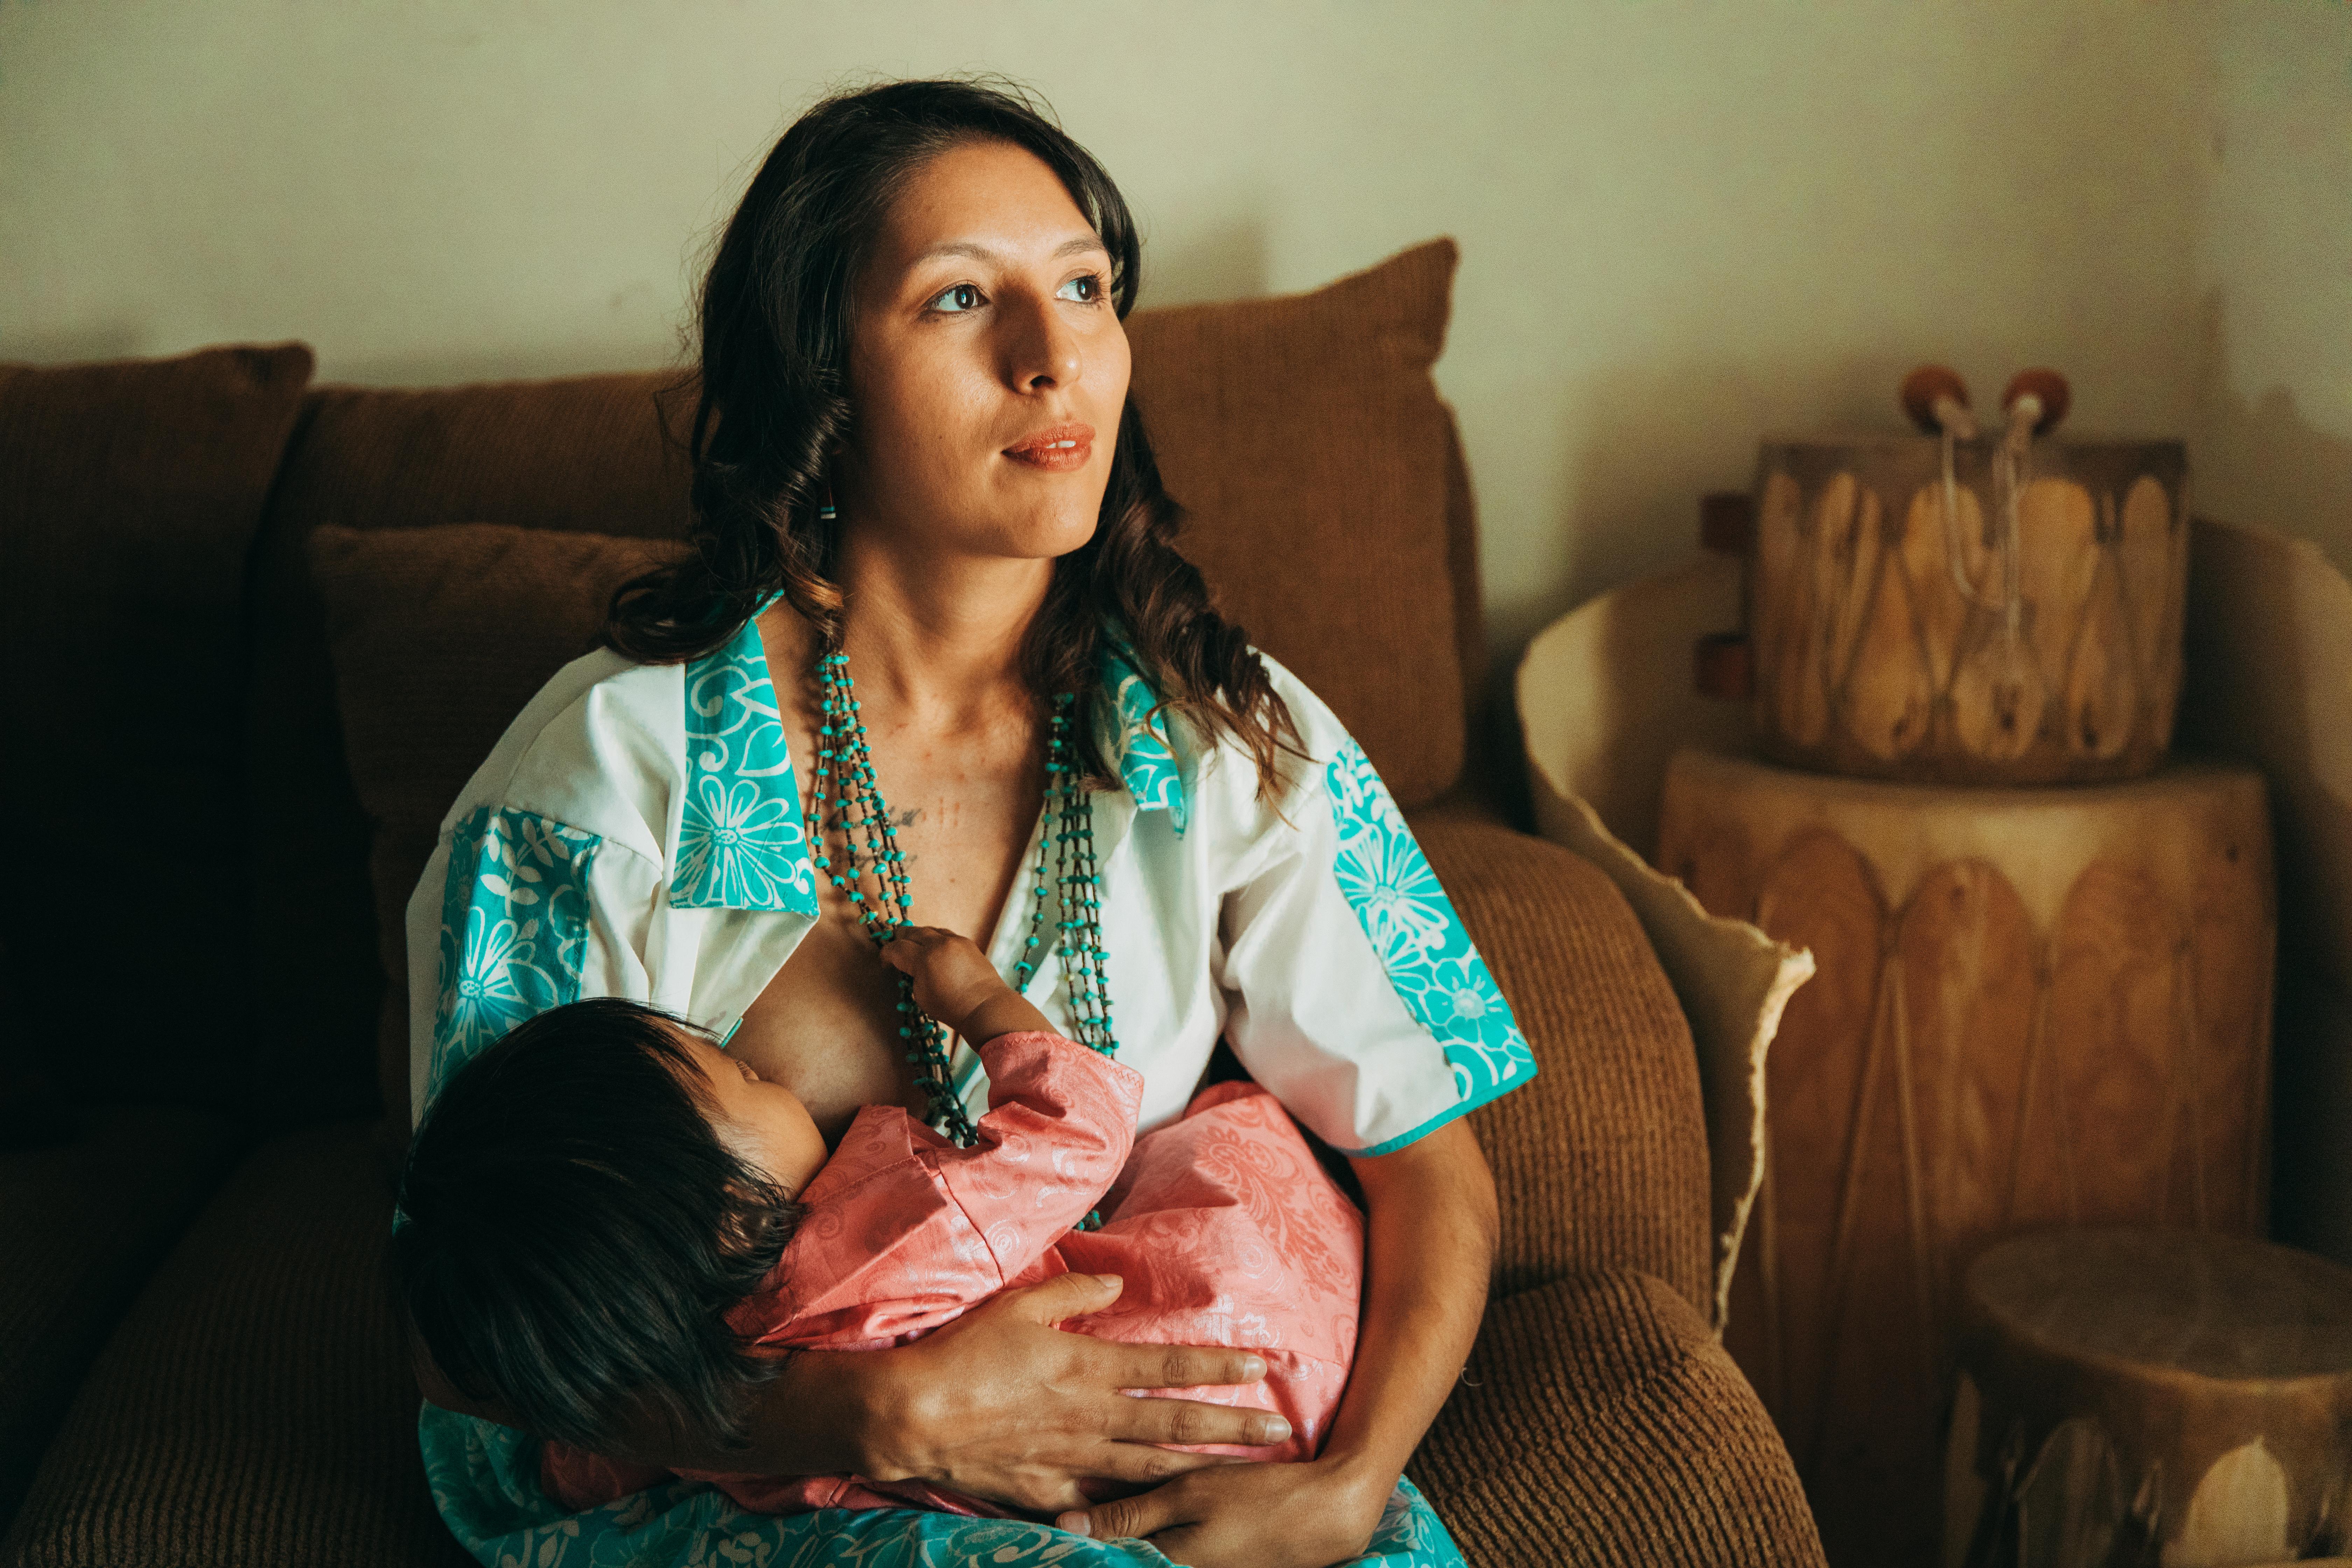 Shaine Garcia breastfeeding her baby